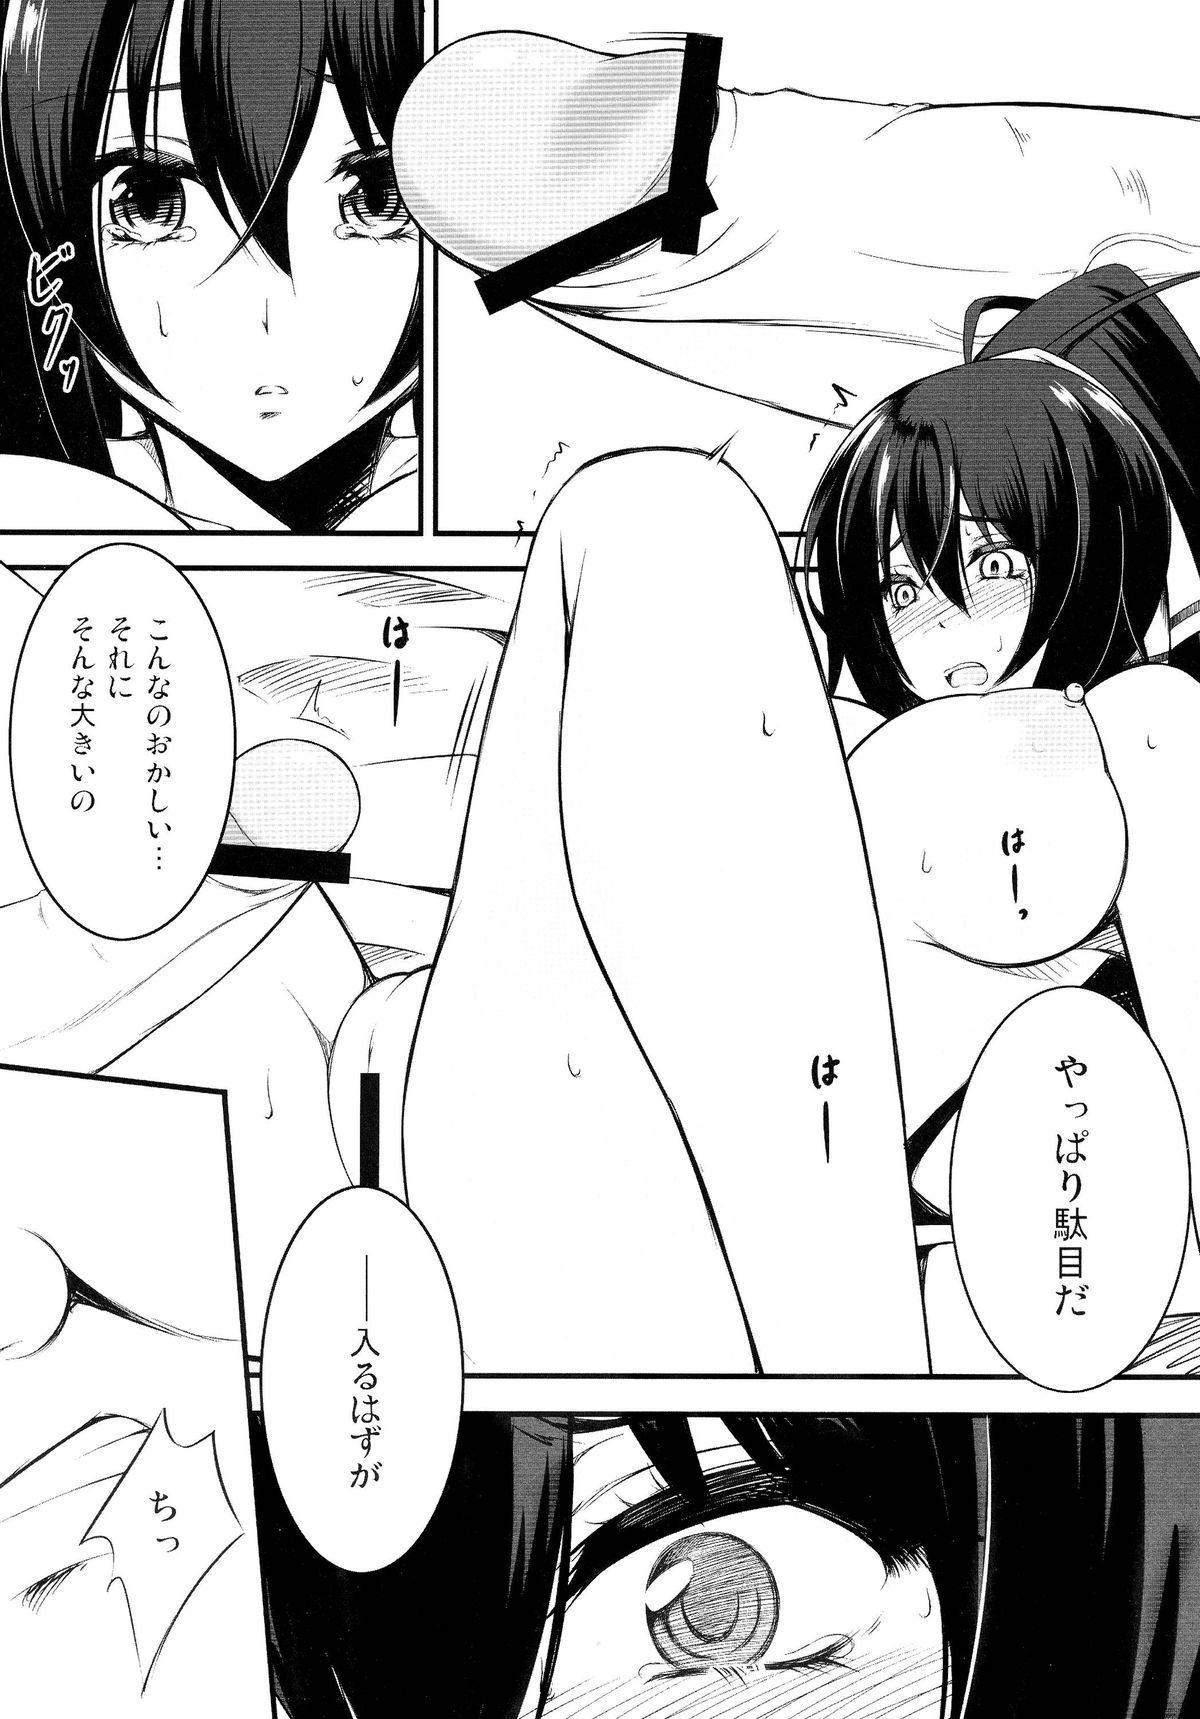 Fuguu-kei Heroine 11